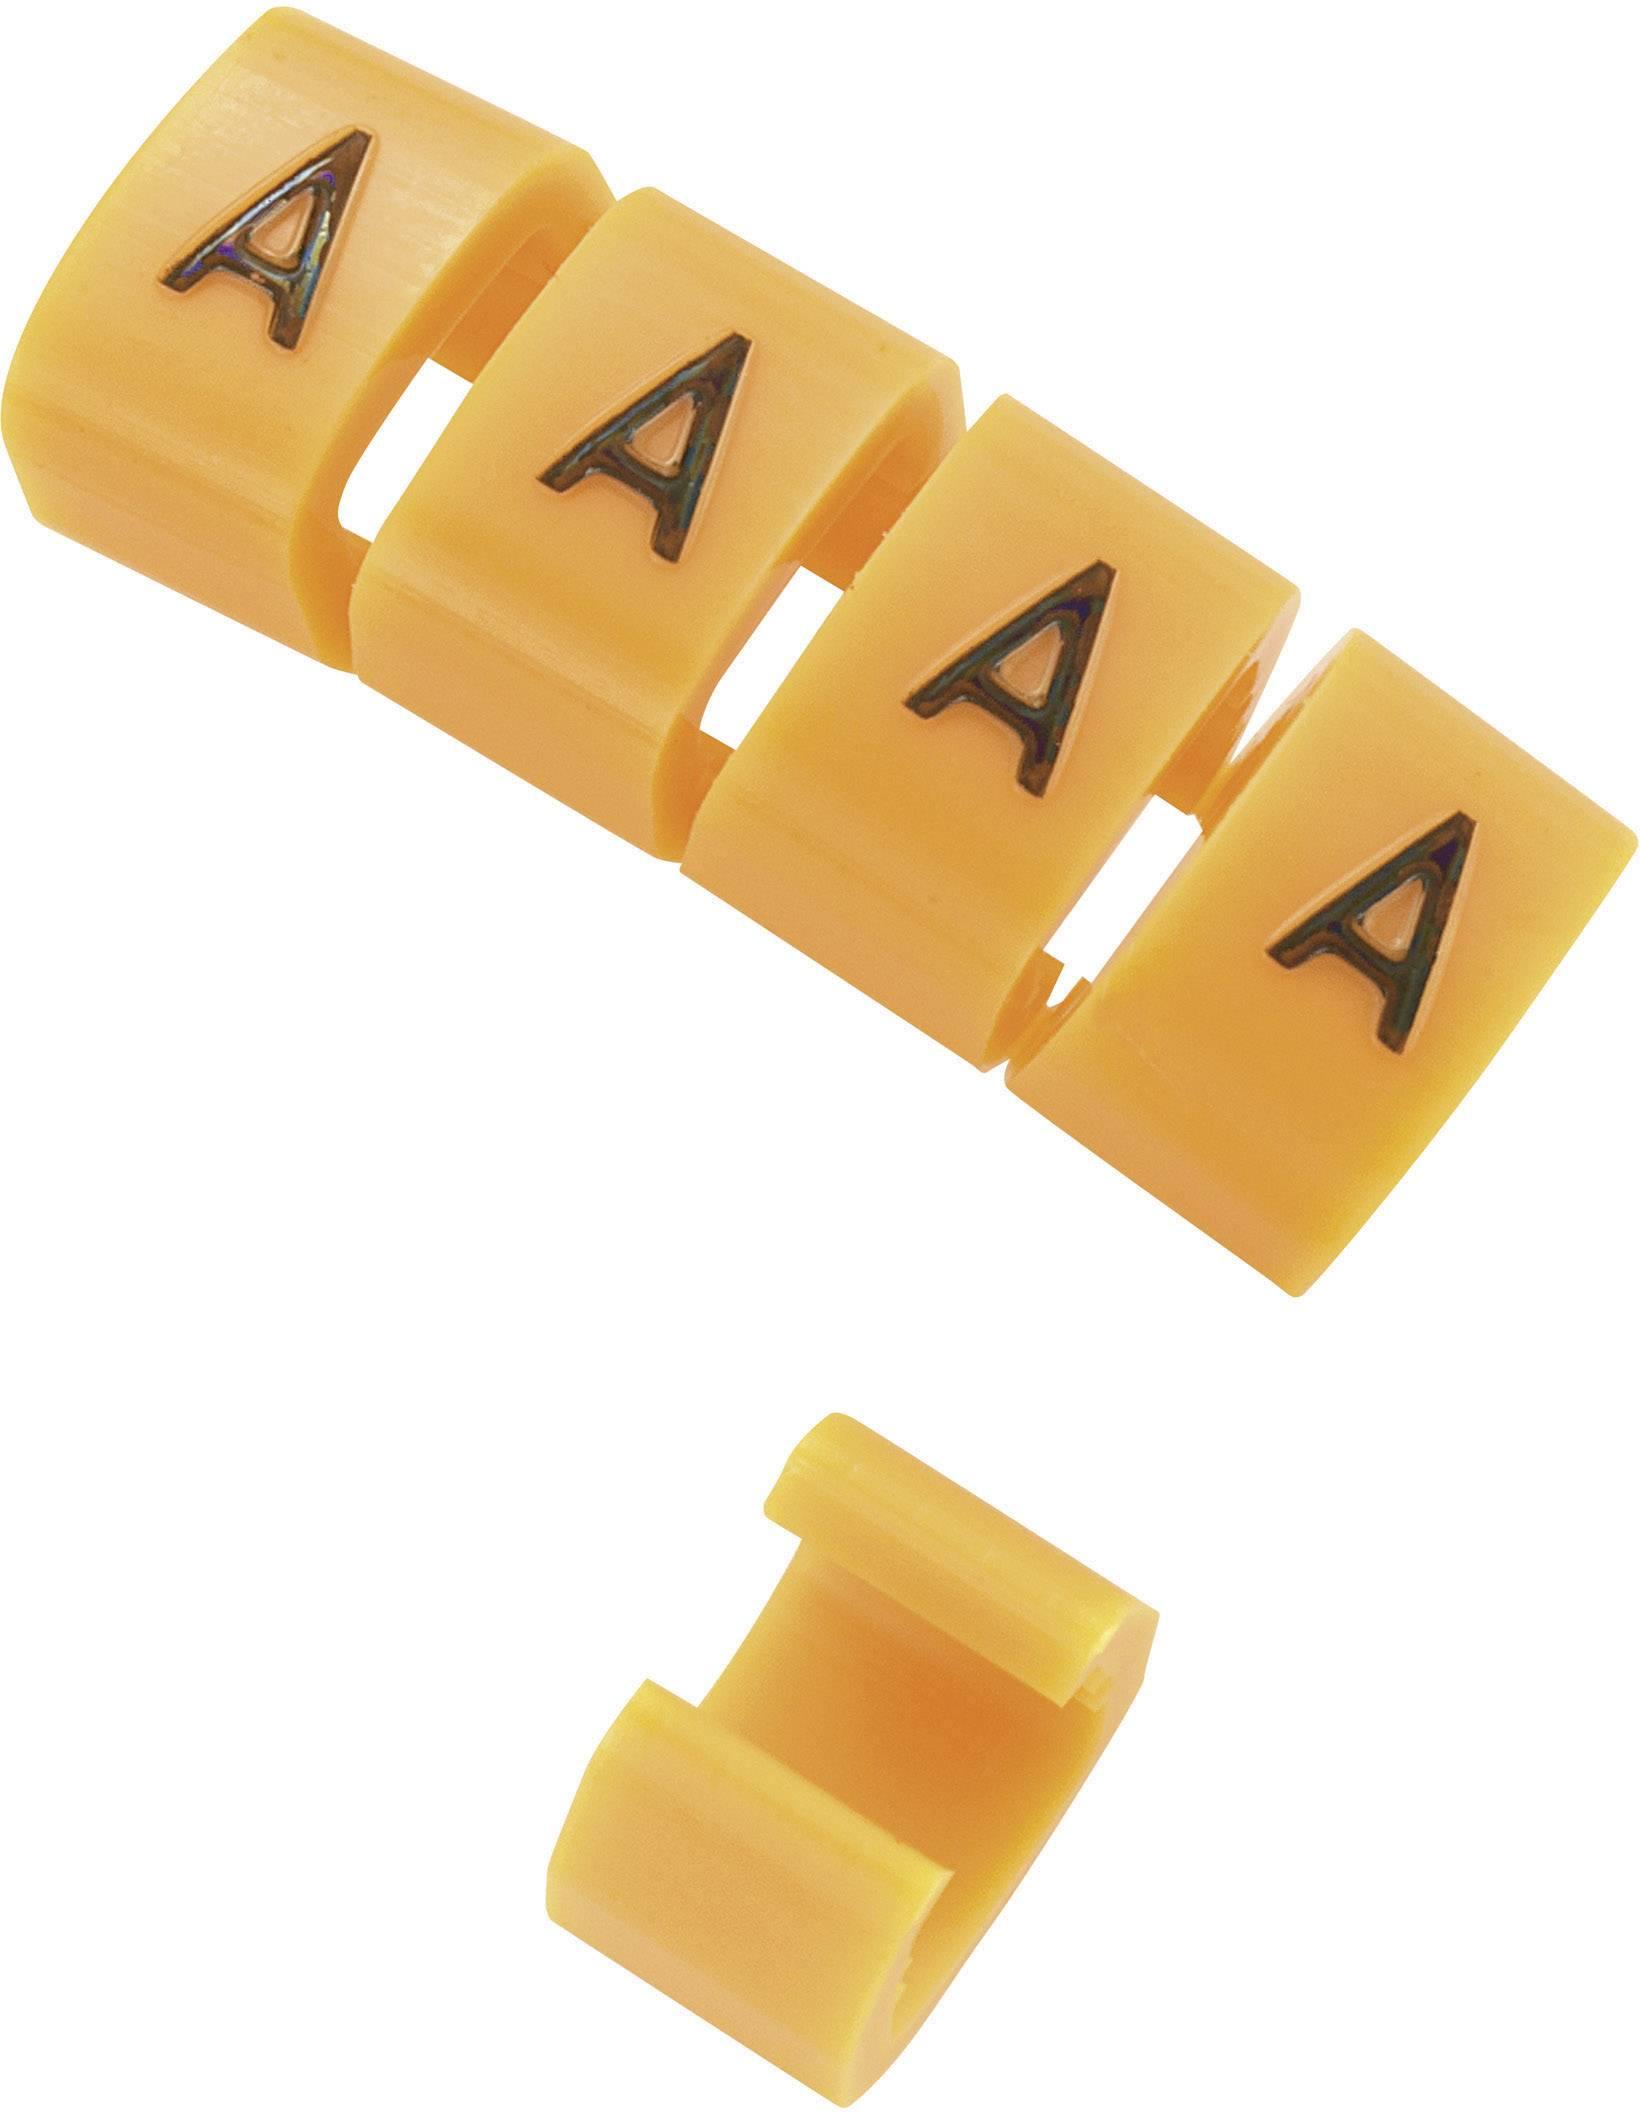 Označovacie objímka na káble KSS MB2/O, oranžová, 10 ks